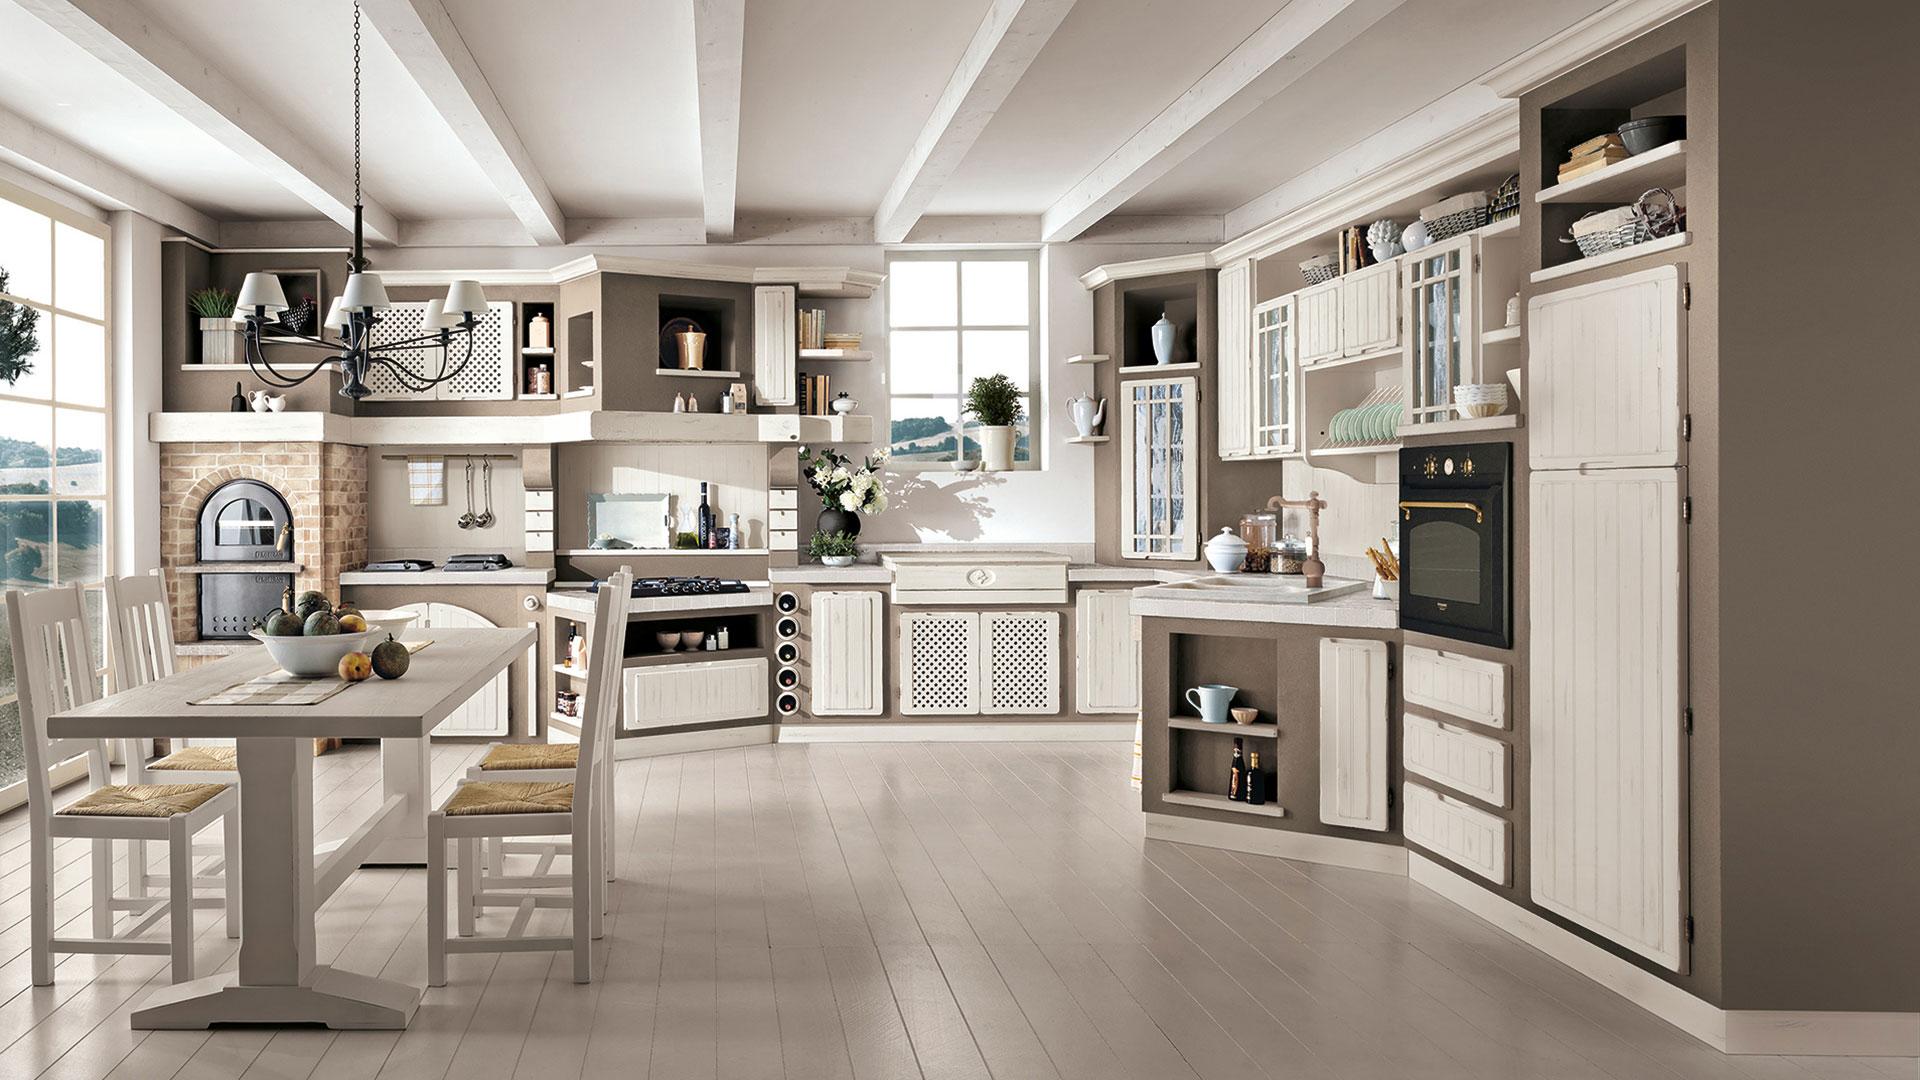 Elena cucine borgo antico cucine lube for Cucina middle mondo convenienza